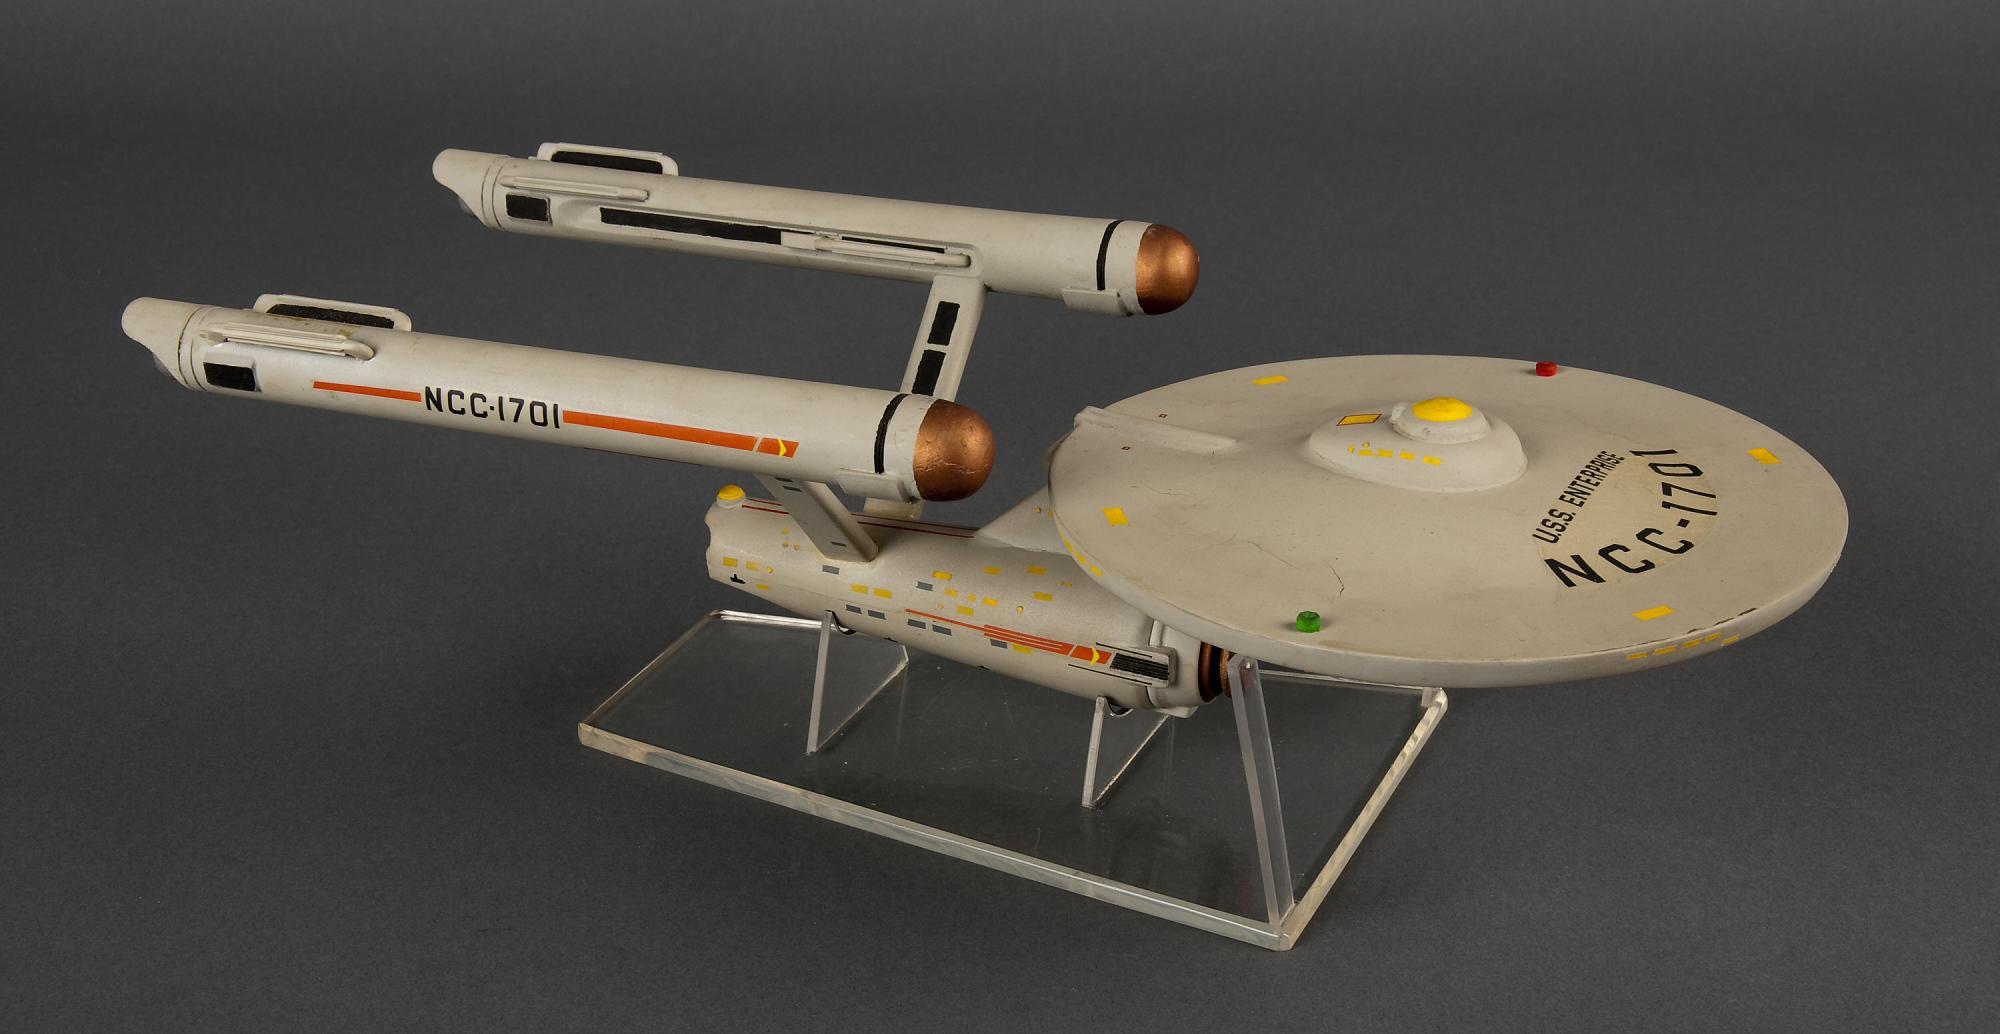 images for Stand, Model, Star Trek, Starship Enterprise